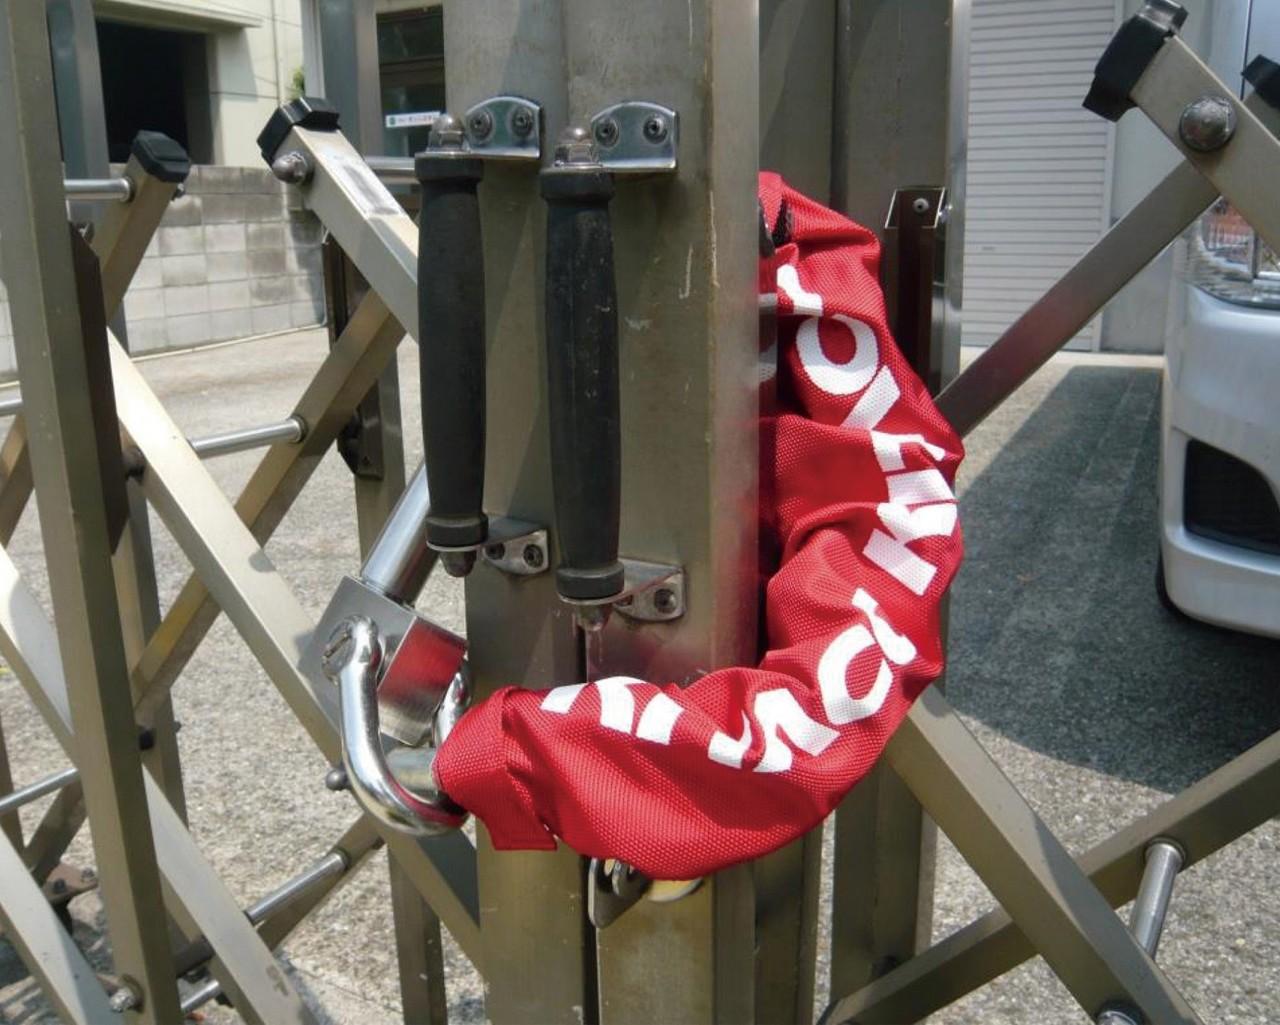 【KITACO】鋼鏈鎖 - 「Webike-摩托百貨」